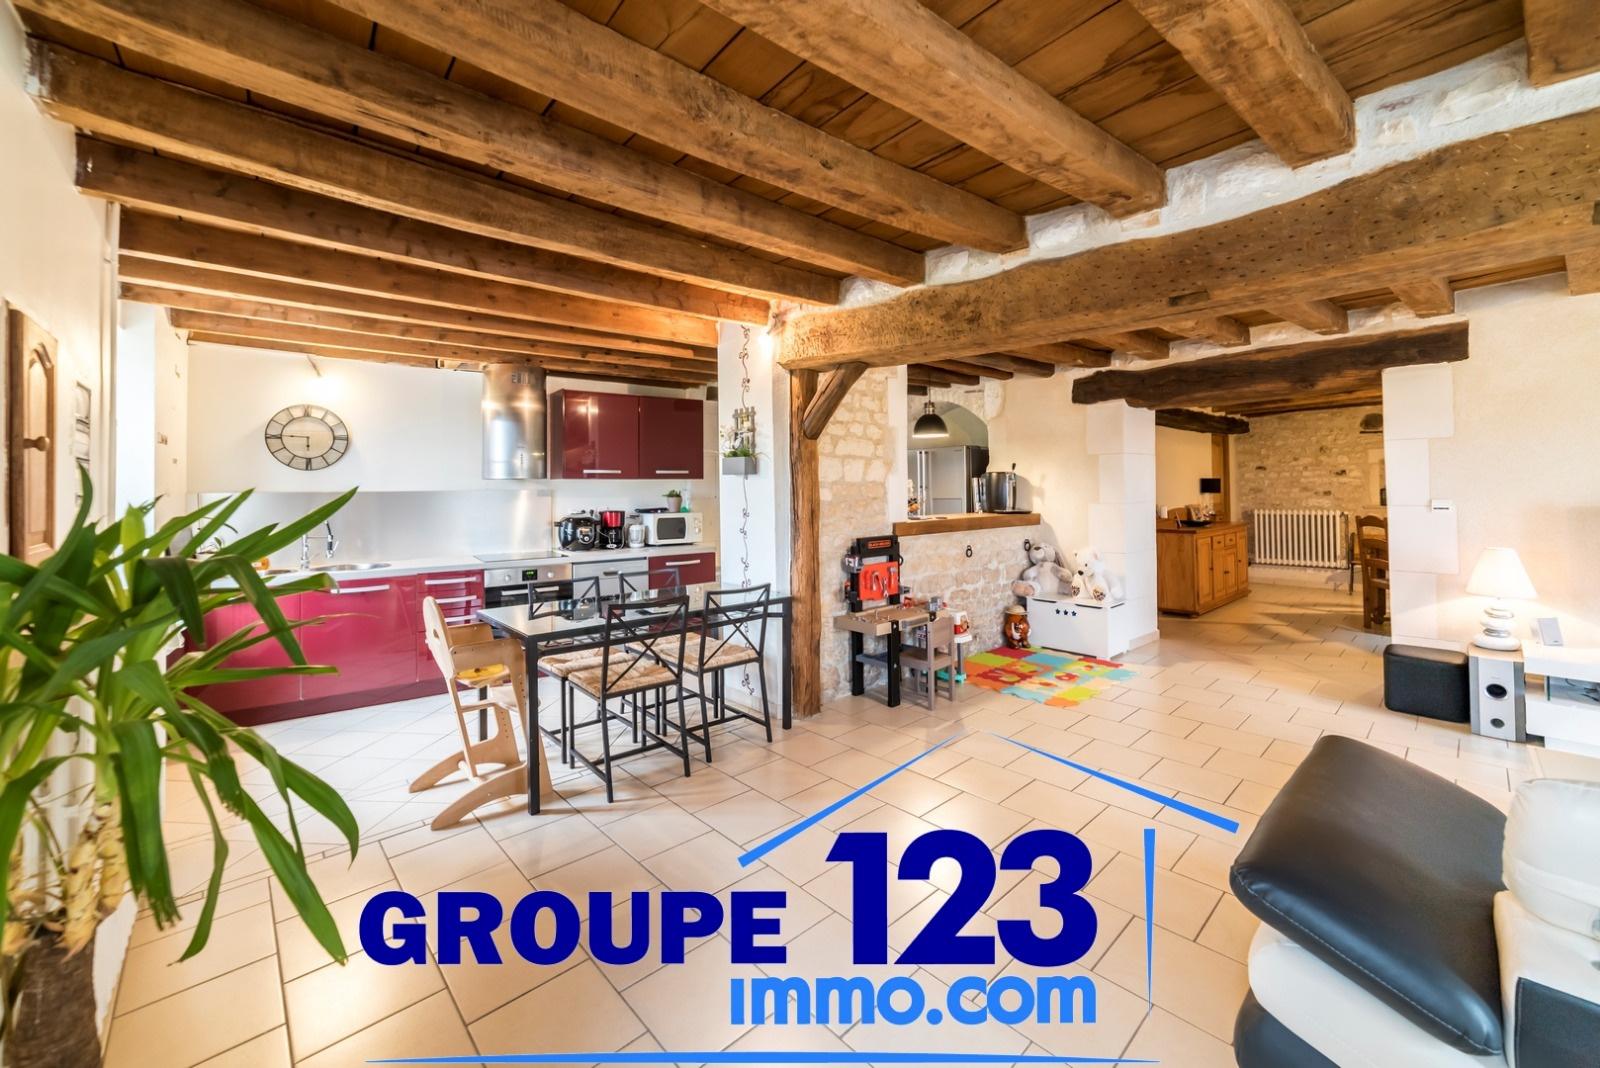 Groupe 123 immobilier auxerre vente maison et for Salon habitat auxerre